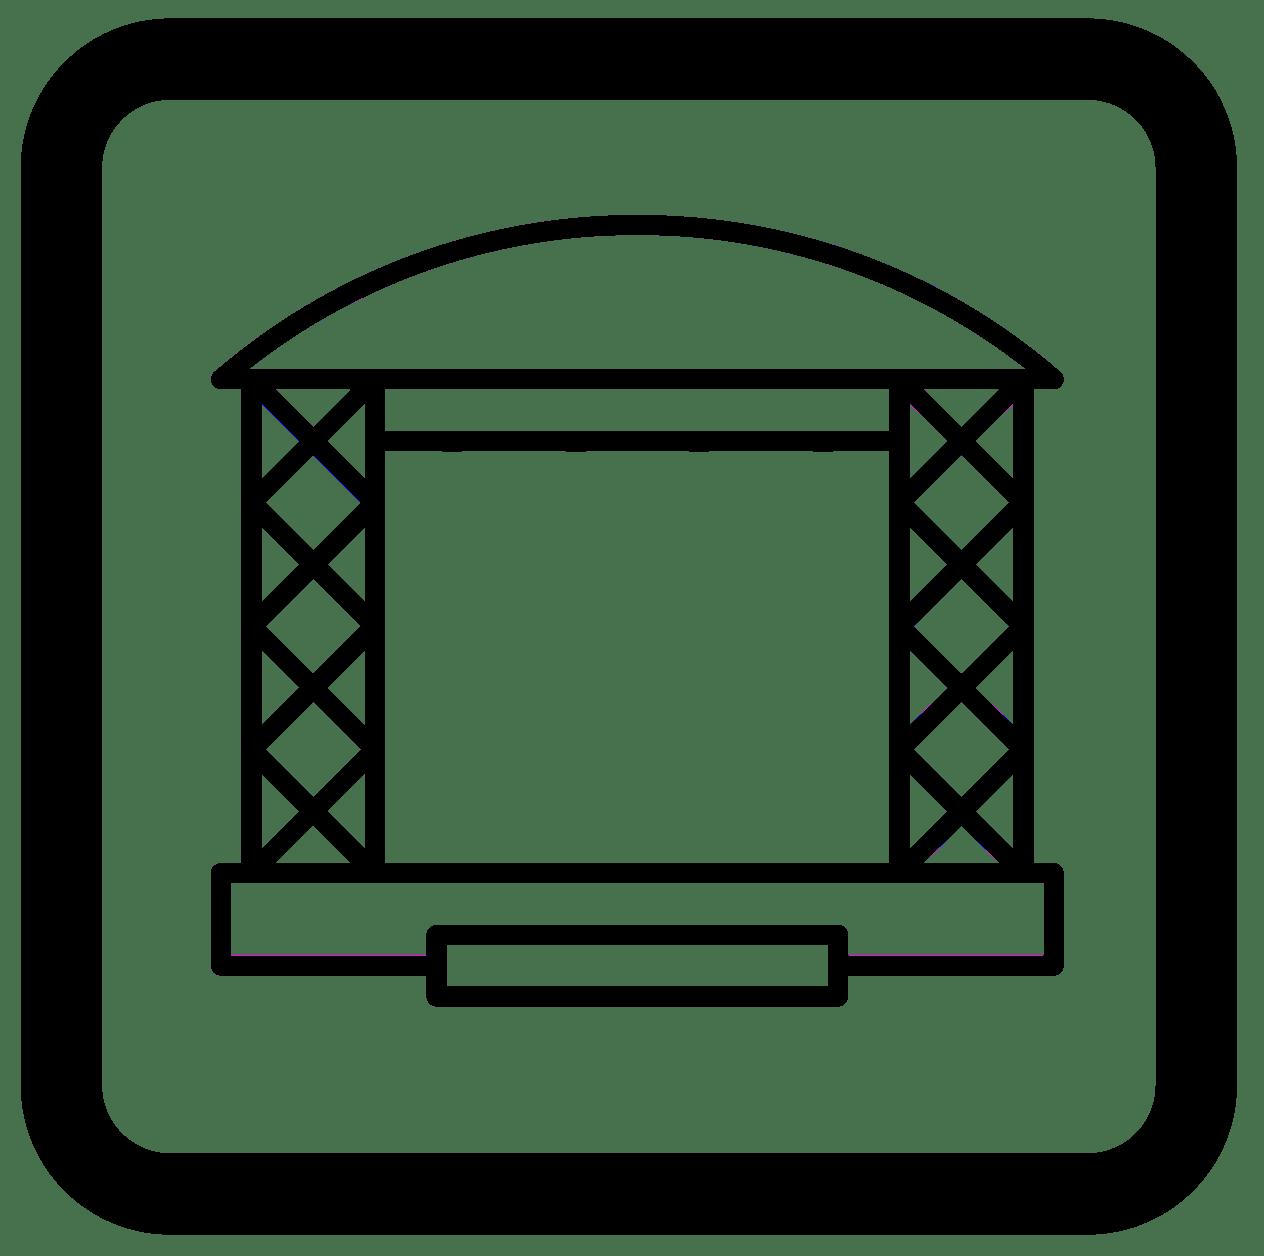 Symbol Bühne, Buehnenueberdachung, Bühnenpodest